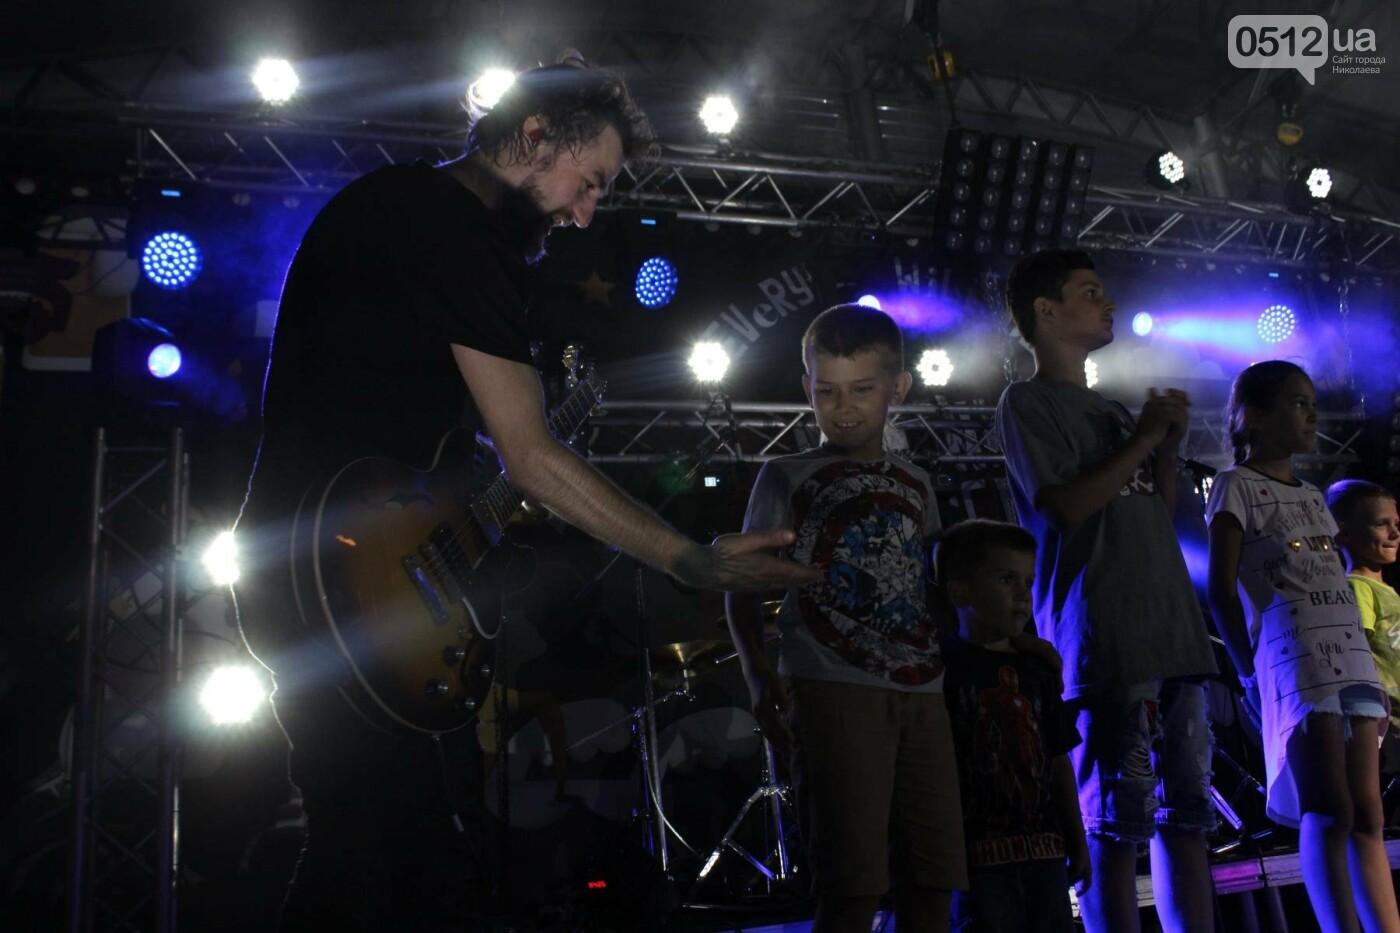 """Группа """"Без обмежень"""" сыграла громкий концерт в Николаеве - ФОТОРЕПОРТАЖ, ВИДЕО , фото-7"""